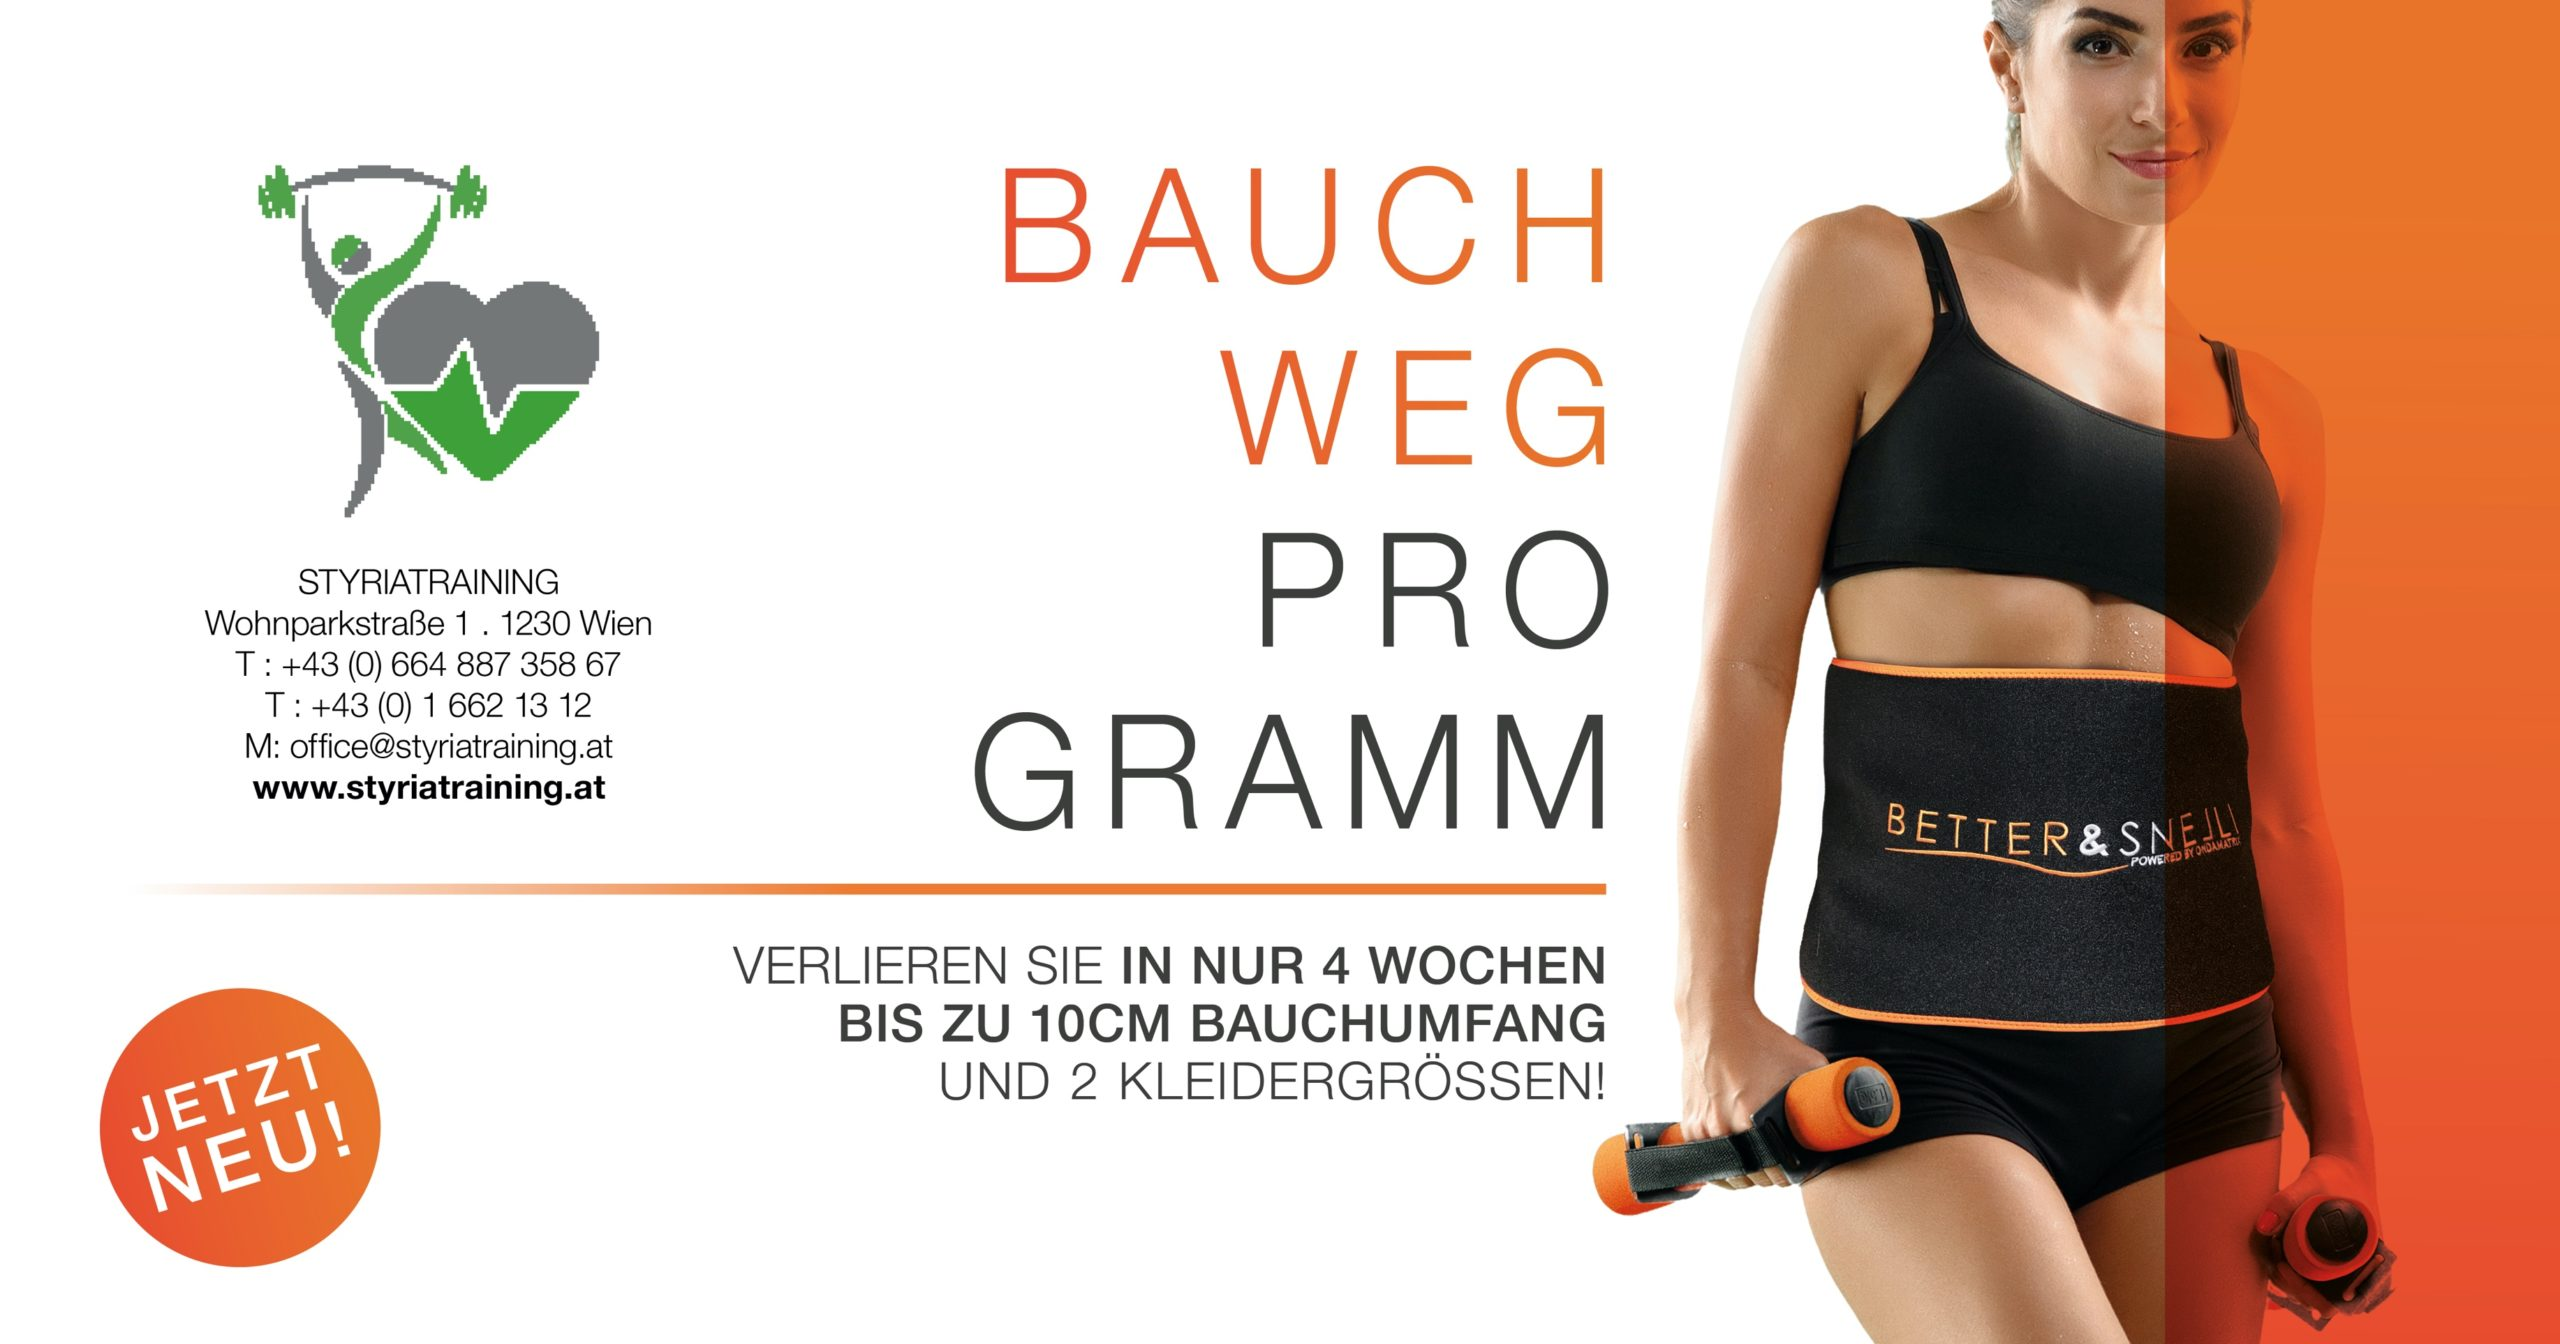 Bauch weg Programm Styria Training